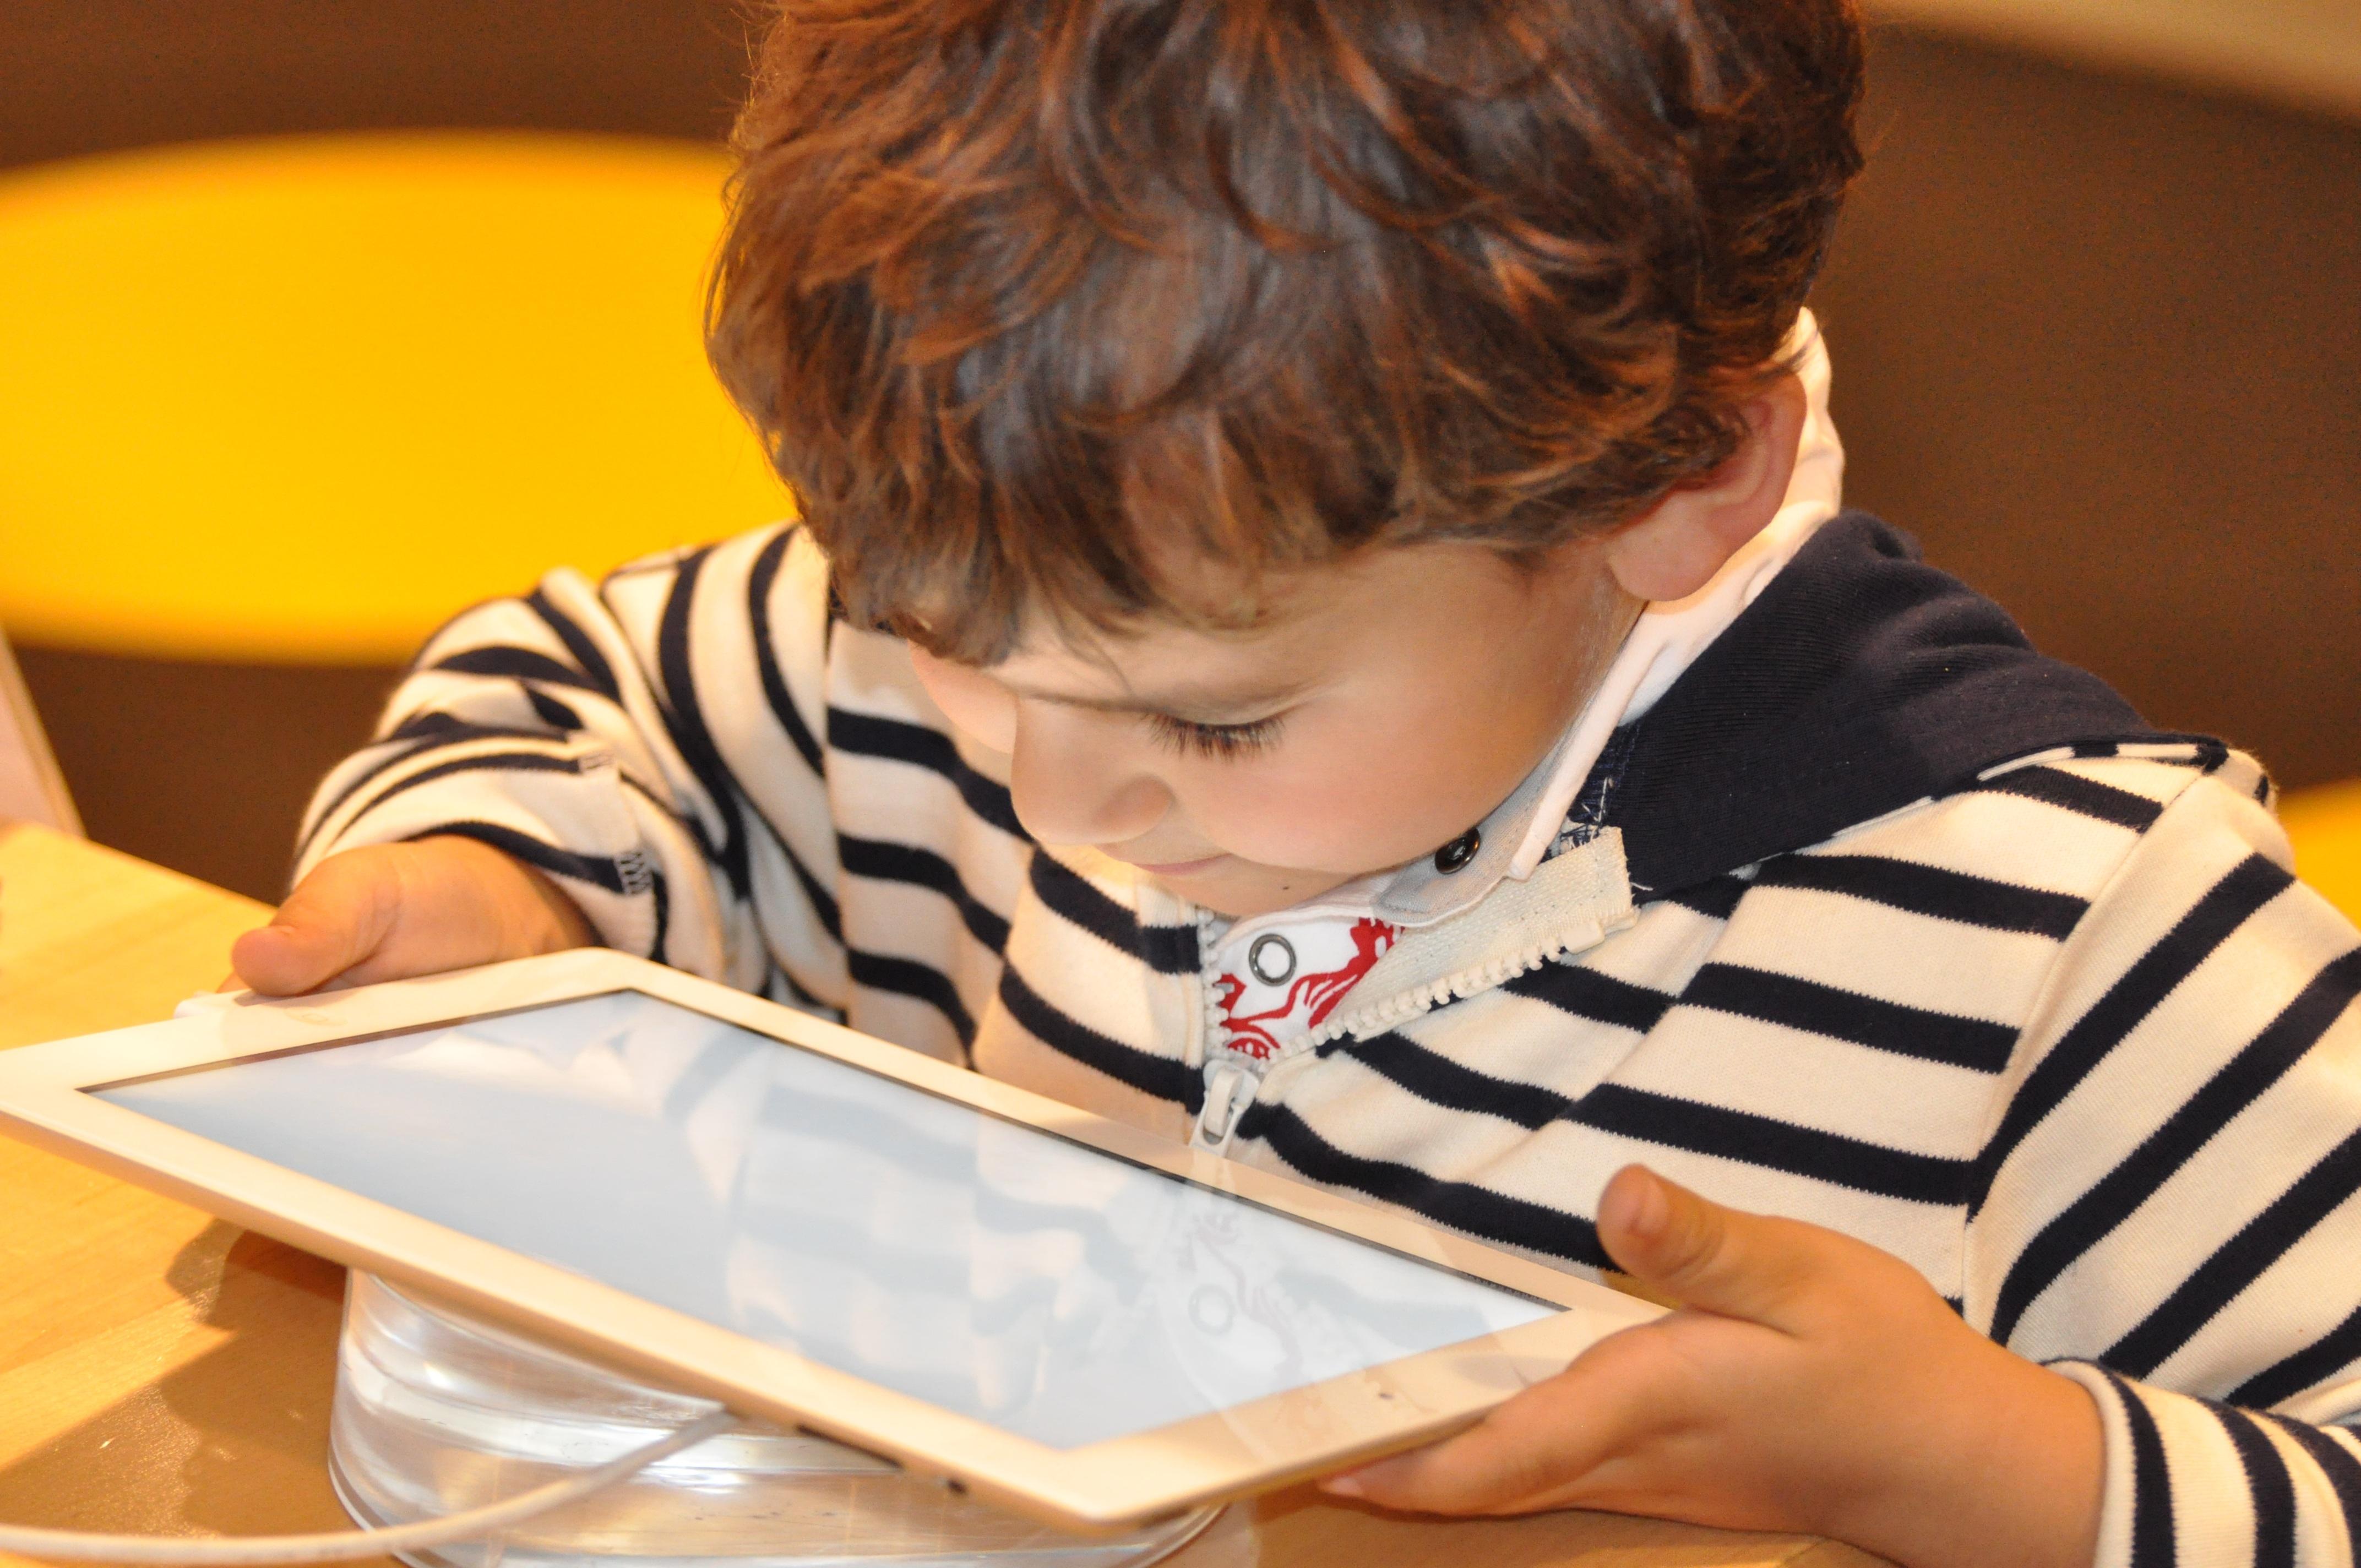 Cha mẹ không thể kiểm soát tất cả thông tin con cái tiếp nhận mỗi ngày